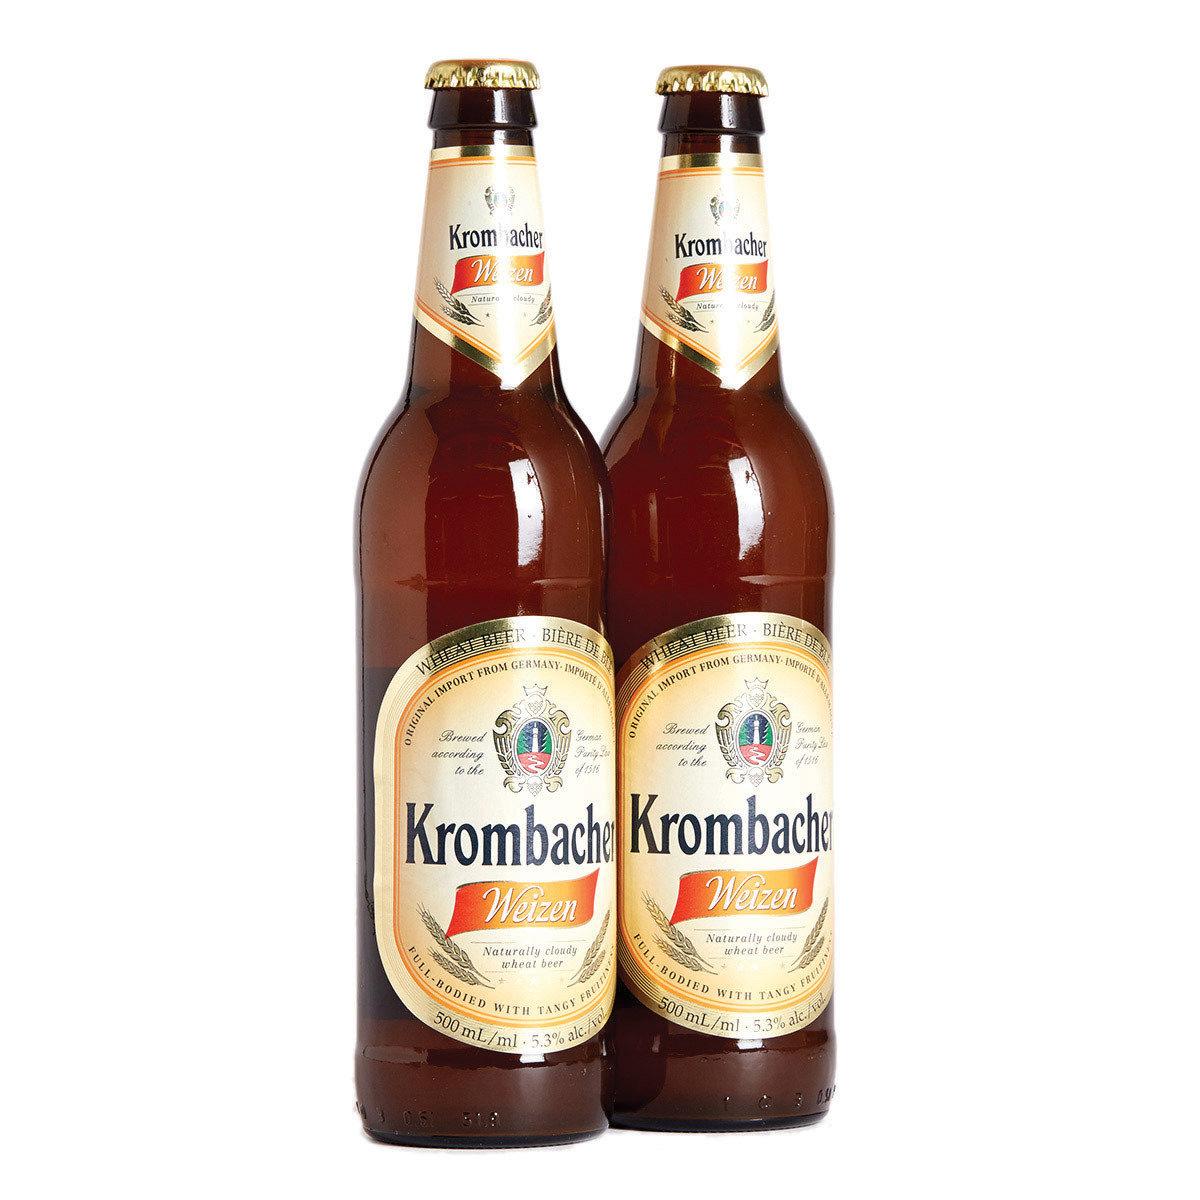 科倫布麥啤